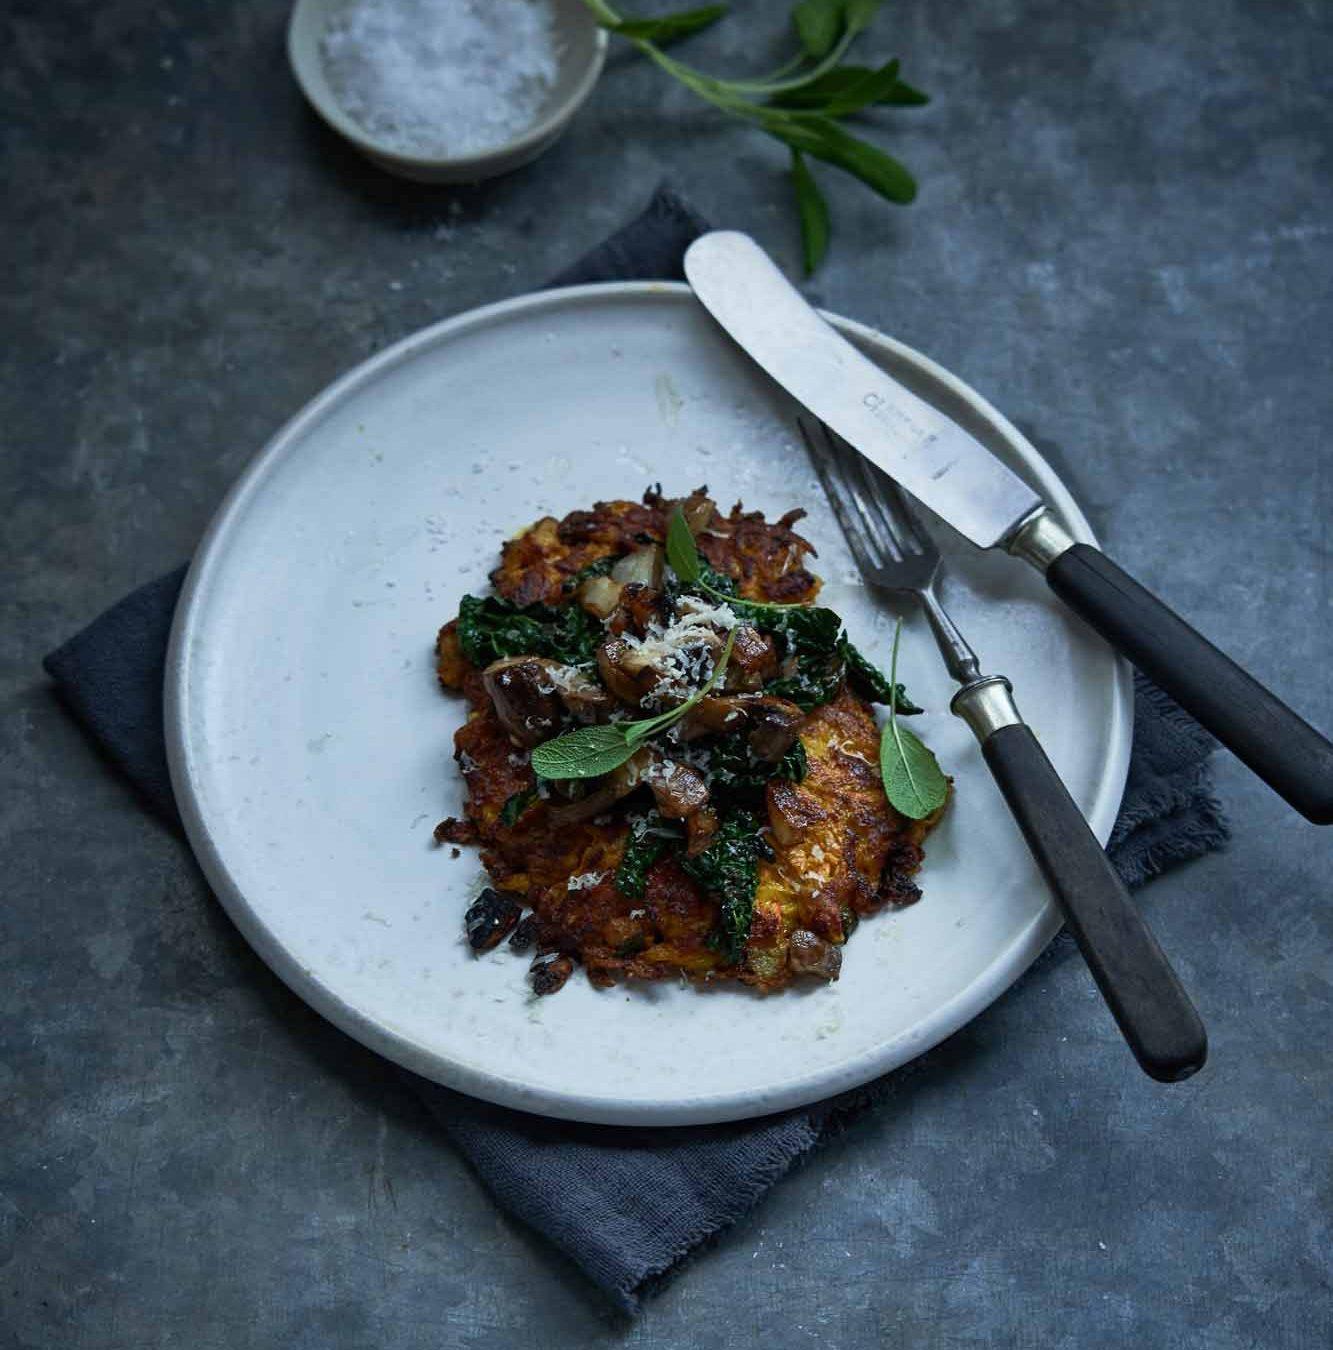 Sådan laver du bagt blomkål med broccoli-ostesauce, lavet på Goudan. Få opskriften på en grøn, vegetarisk ret med ost.